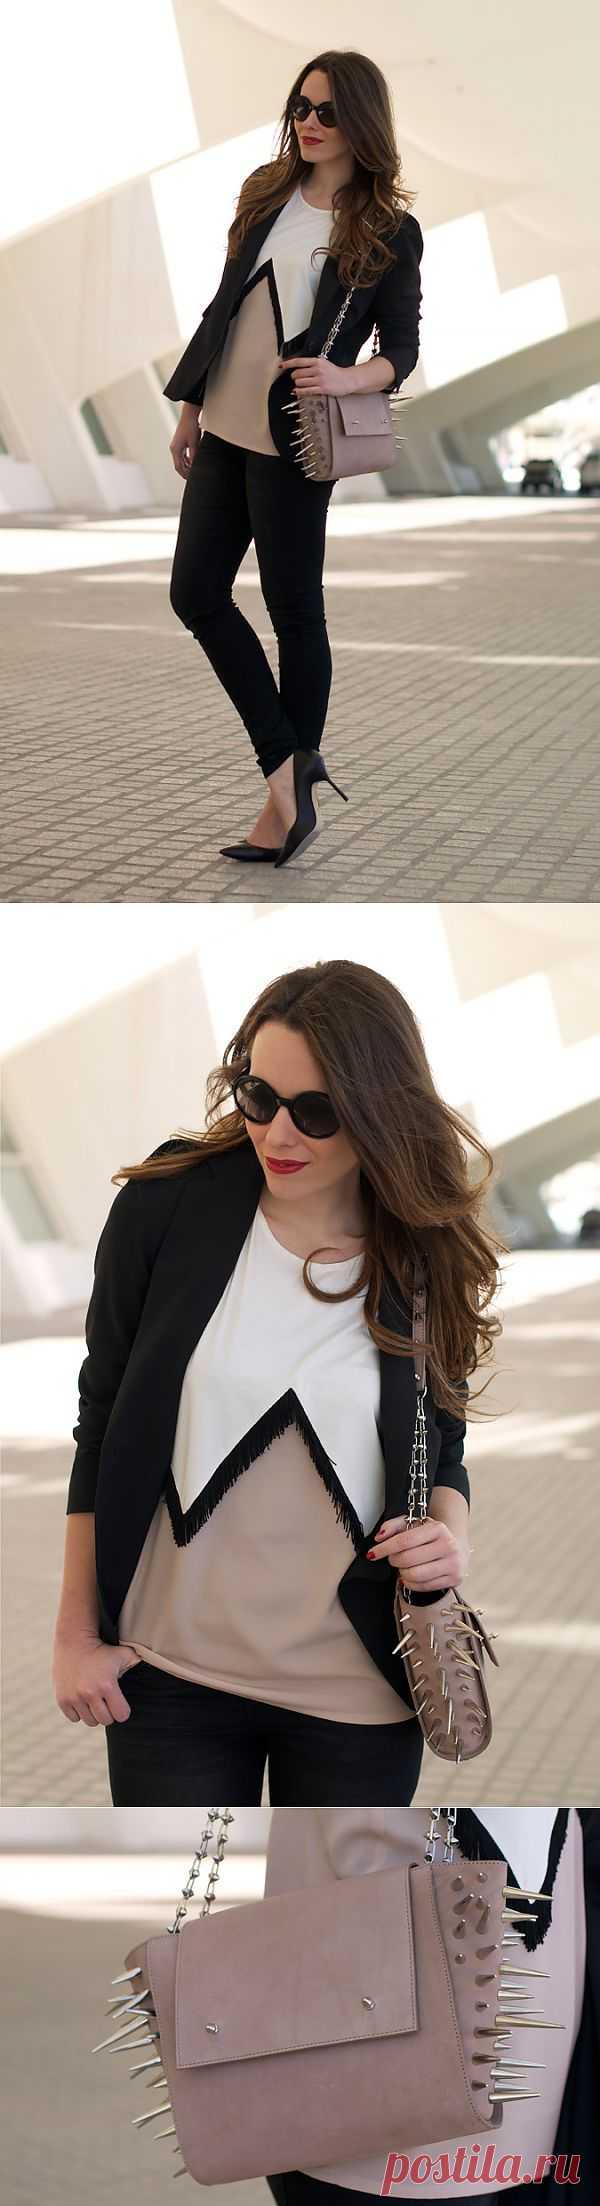 Новый образ Fashion Salade / Fashion блоги / Модный сайт о стильной переделке одежды и интерьера